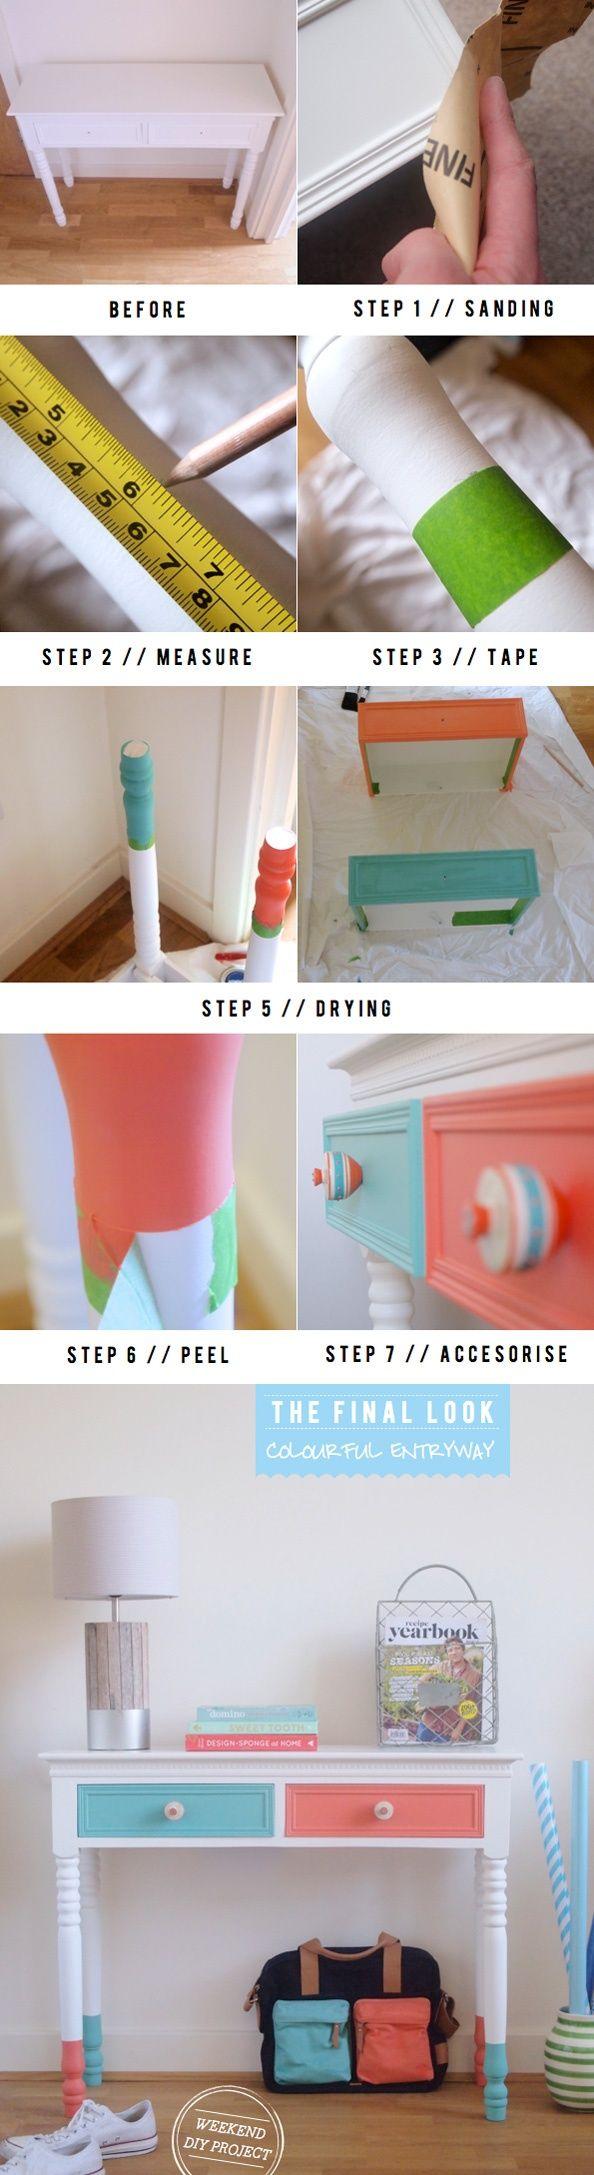 Dipped furniture DIY tutorial on Bright   DiyReal.com